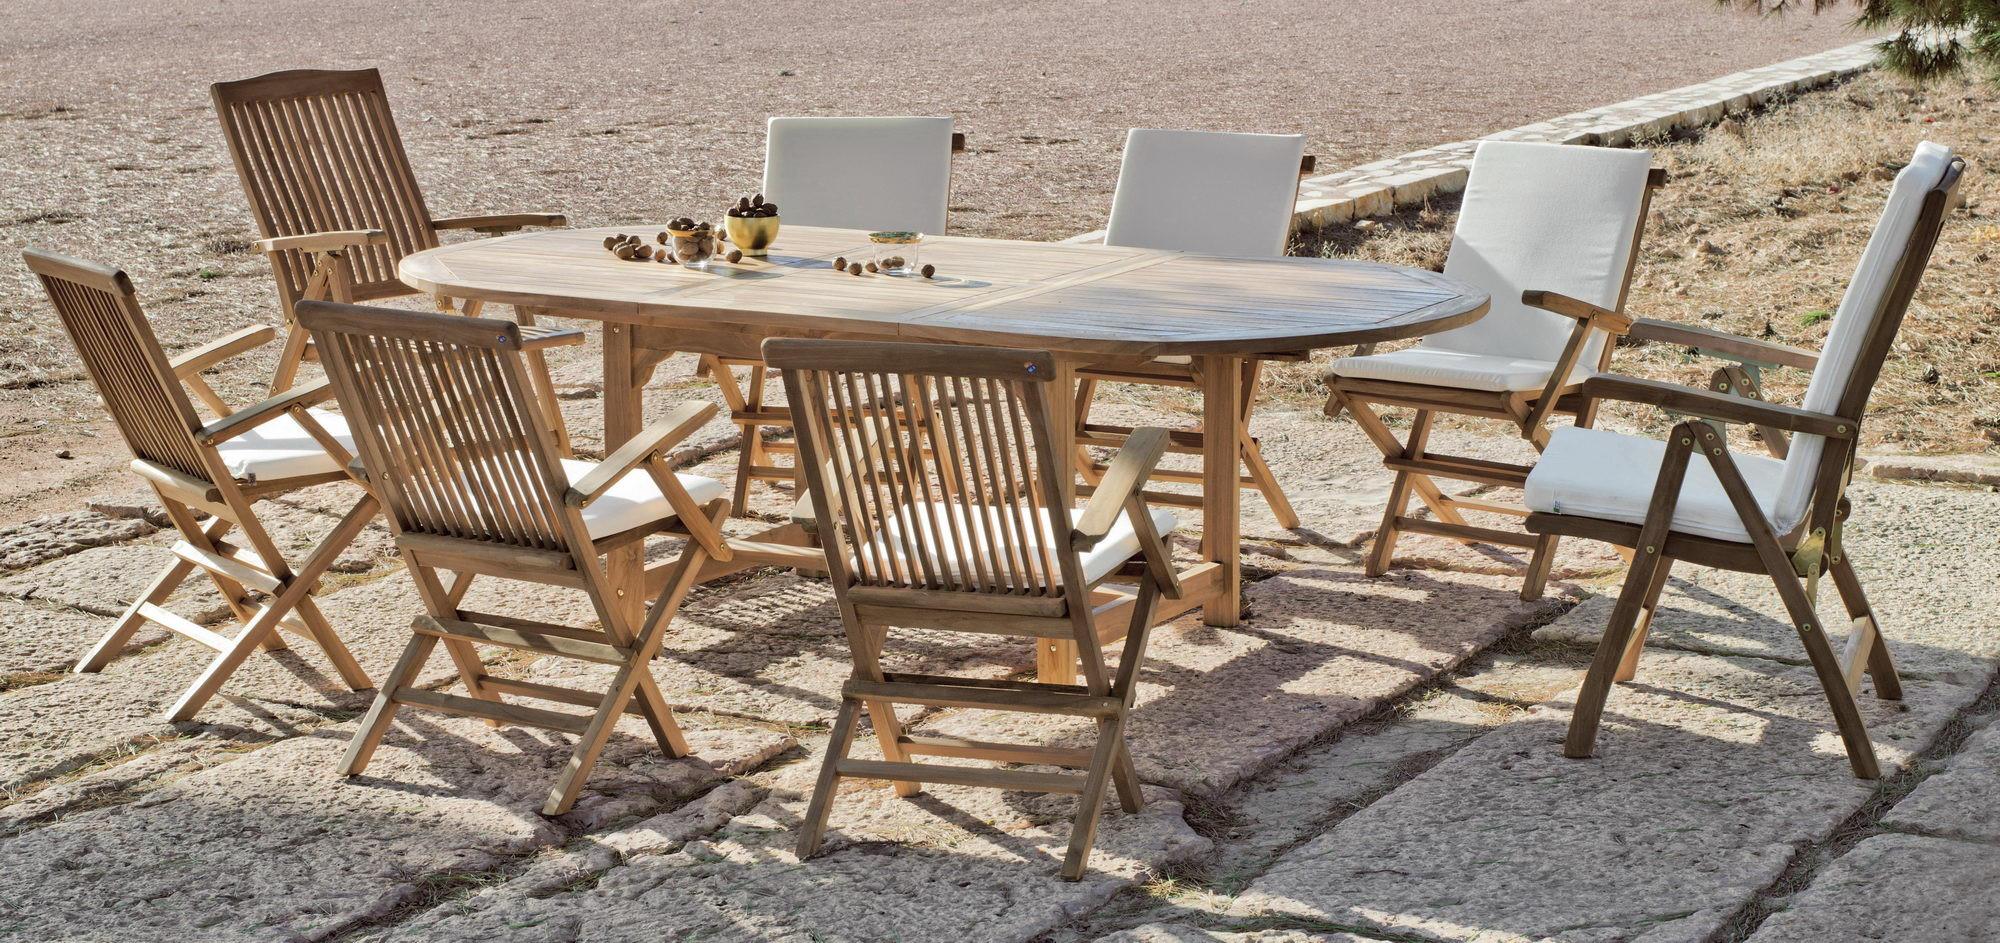 Achat Vente Salon De Jardin Bois Teck Table Ext 180-240Cm + ... avec Salon De Jardin En Teck Pas Cher